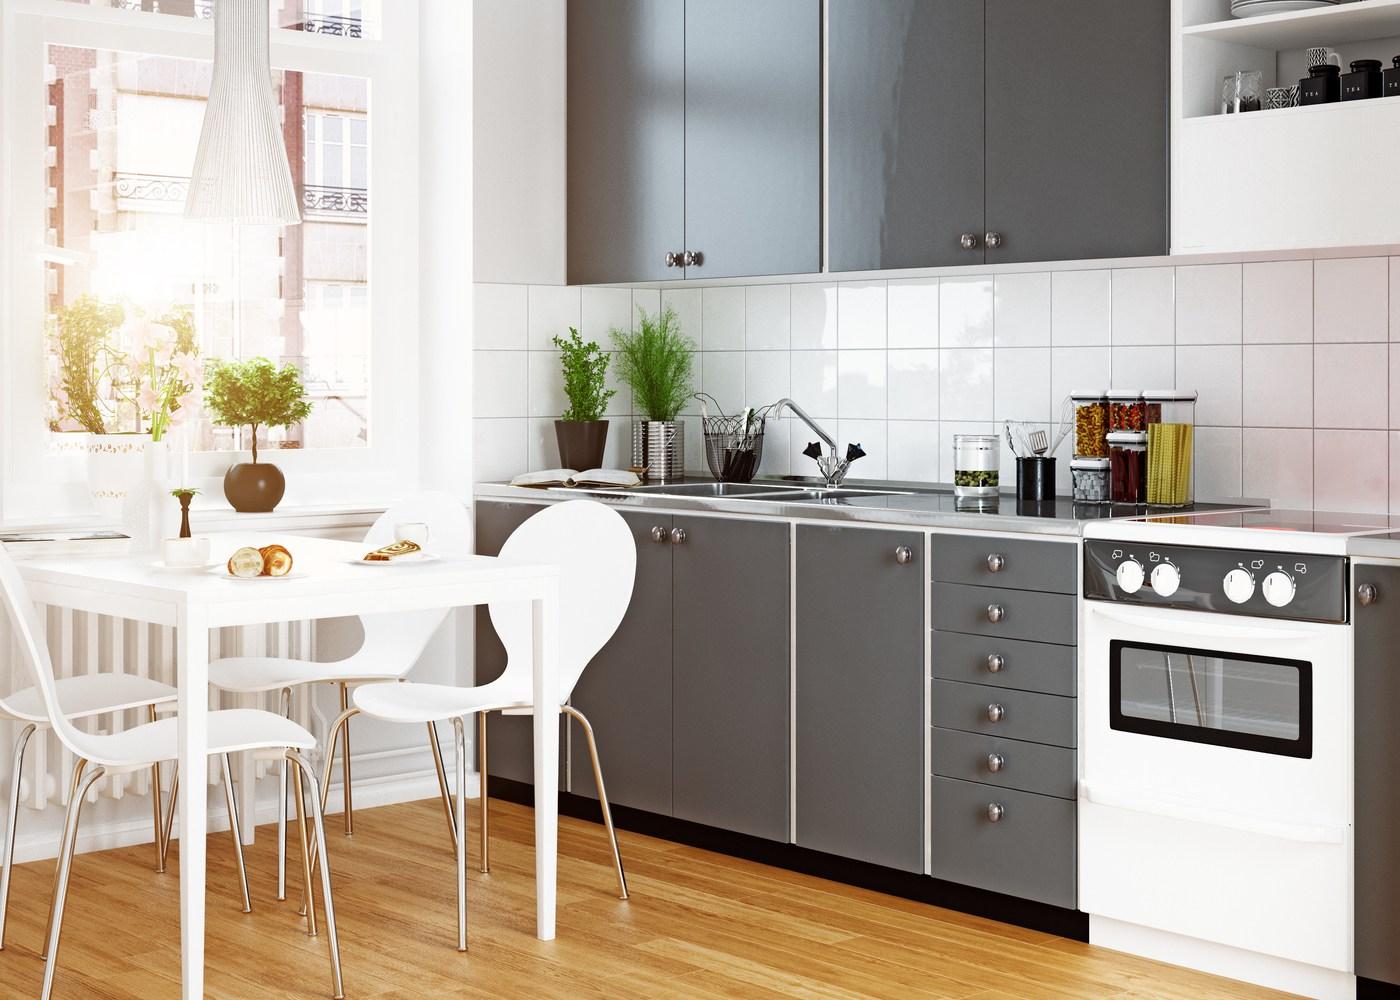 cozinha moderna em tons de branco e cinzento